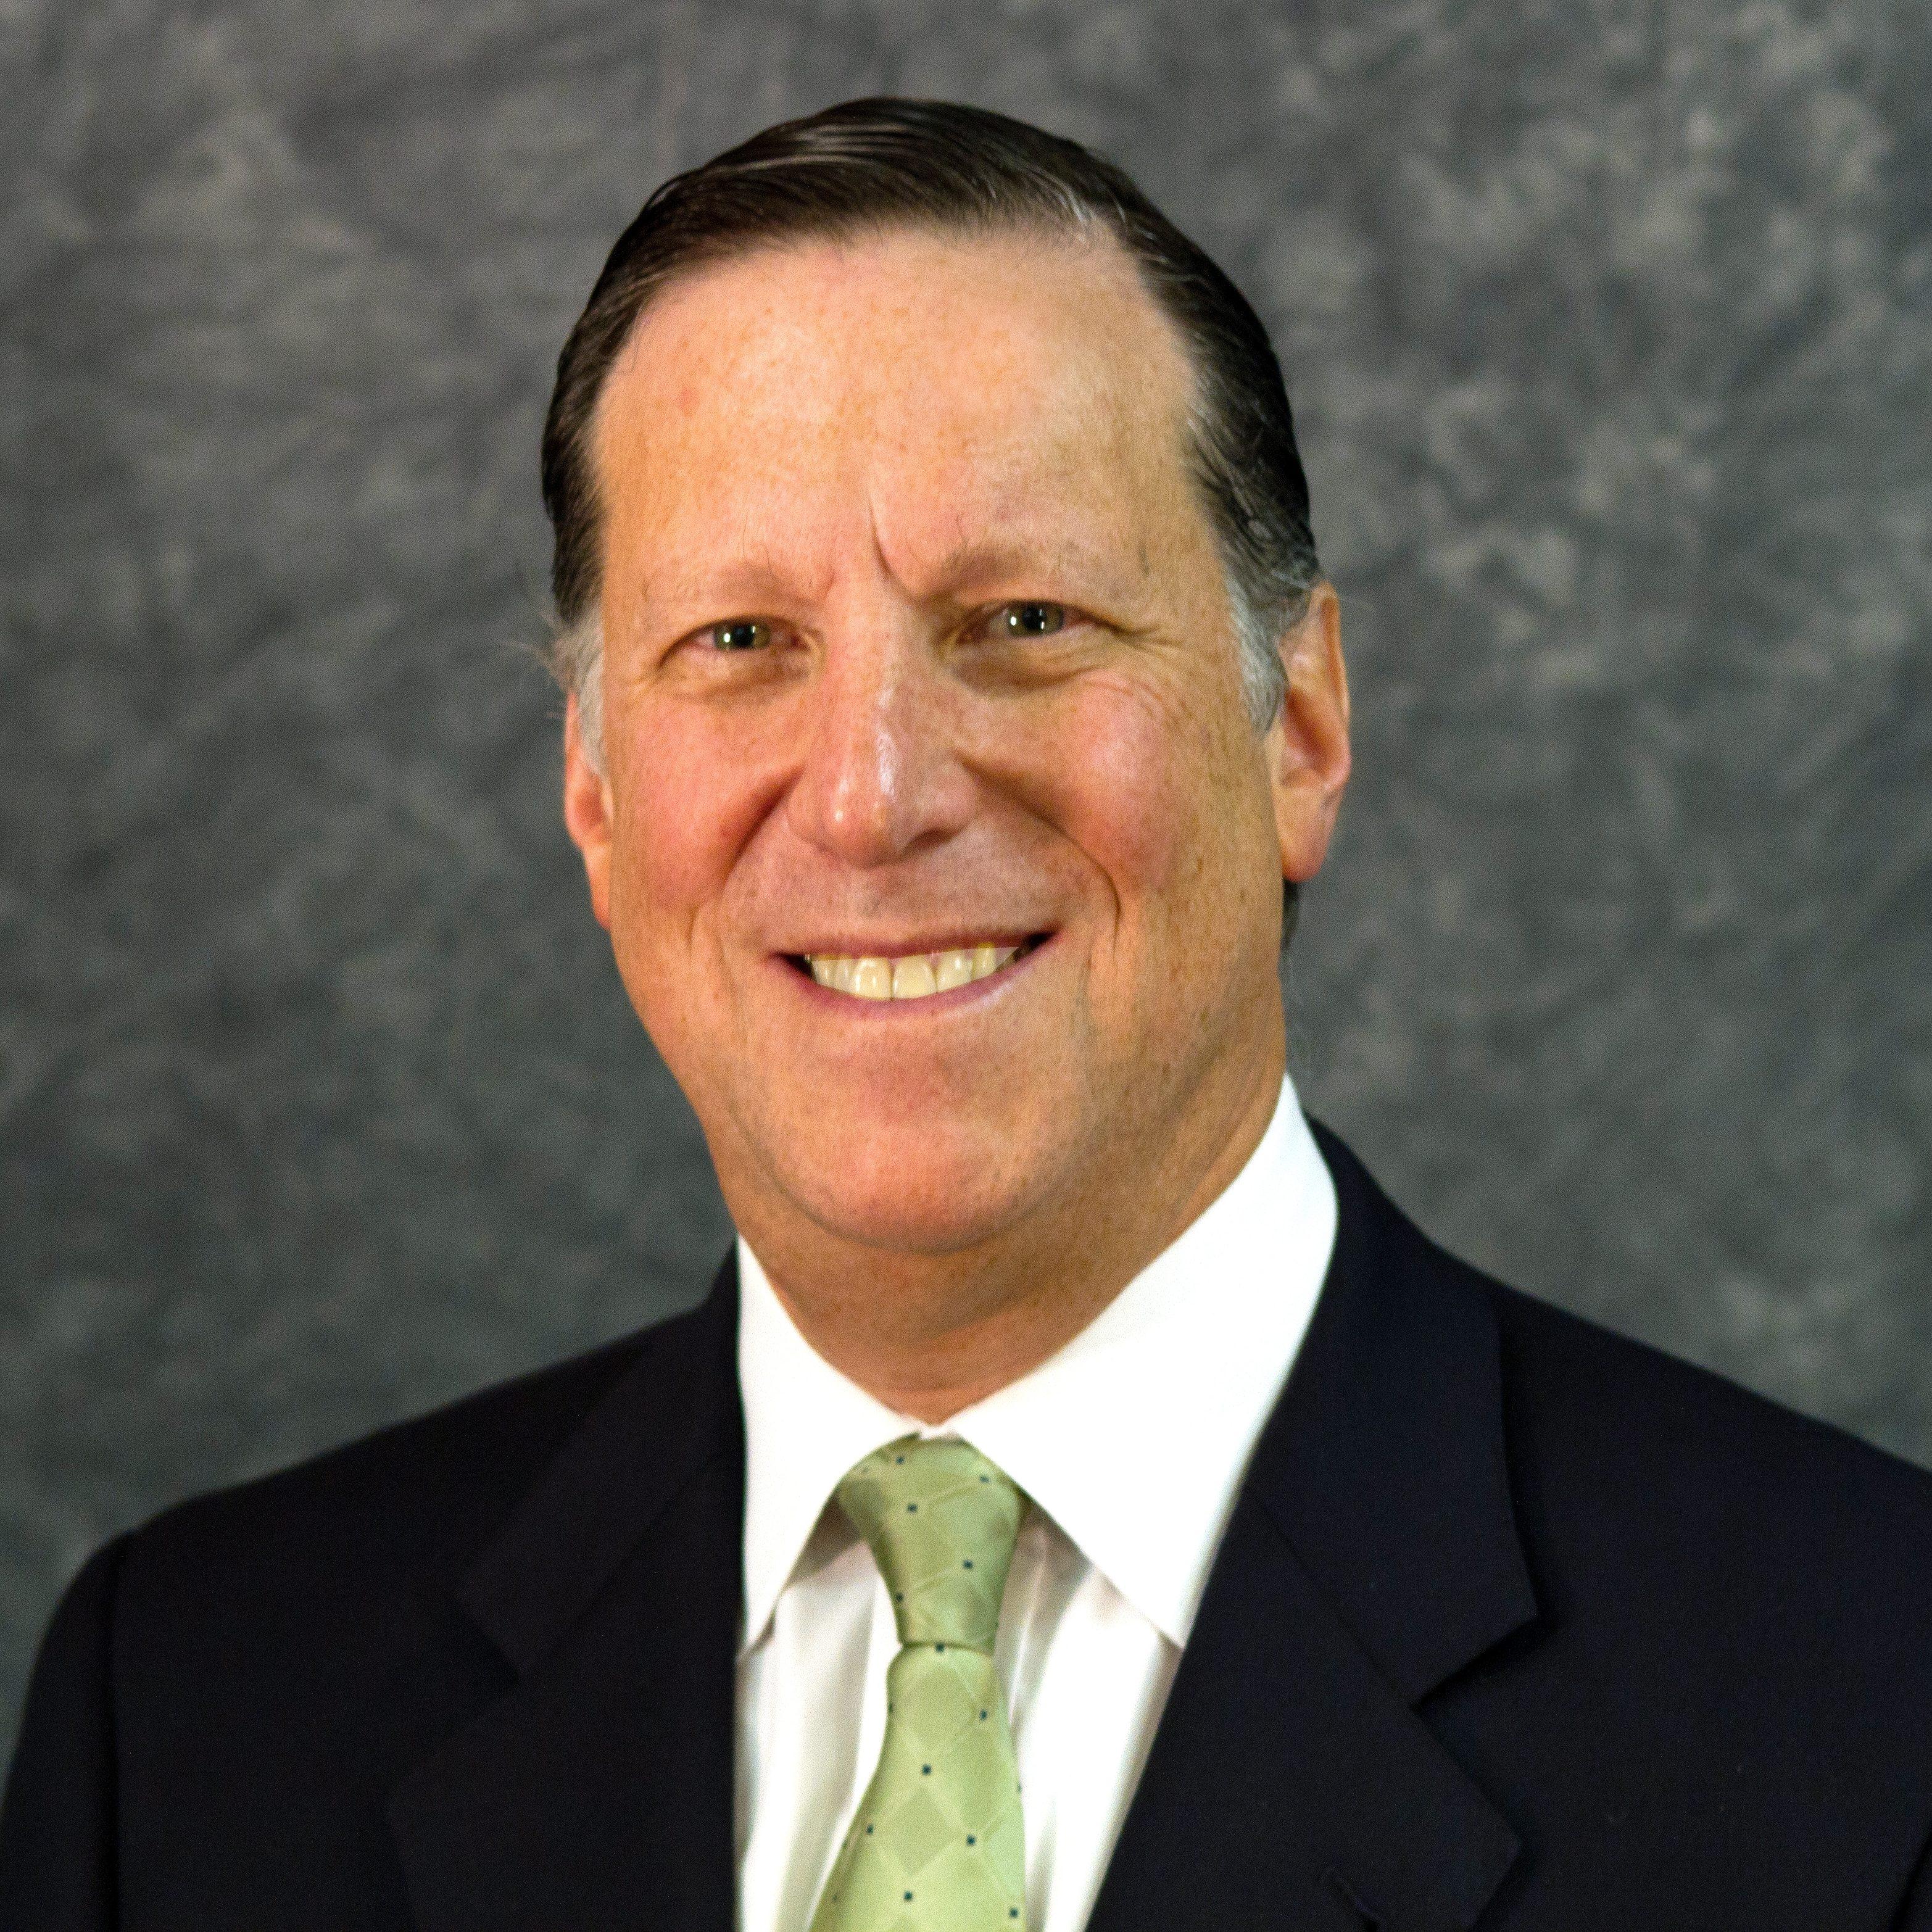 Ari Schonbrun Headshot